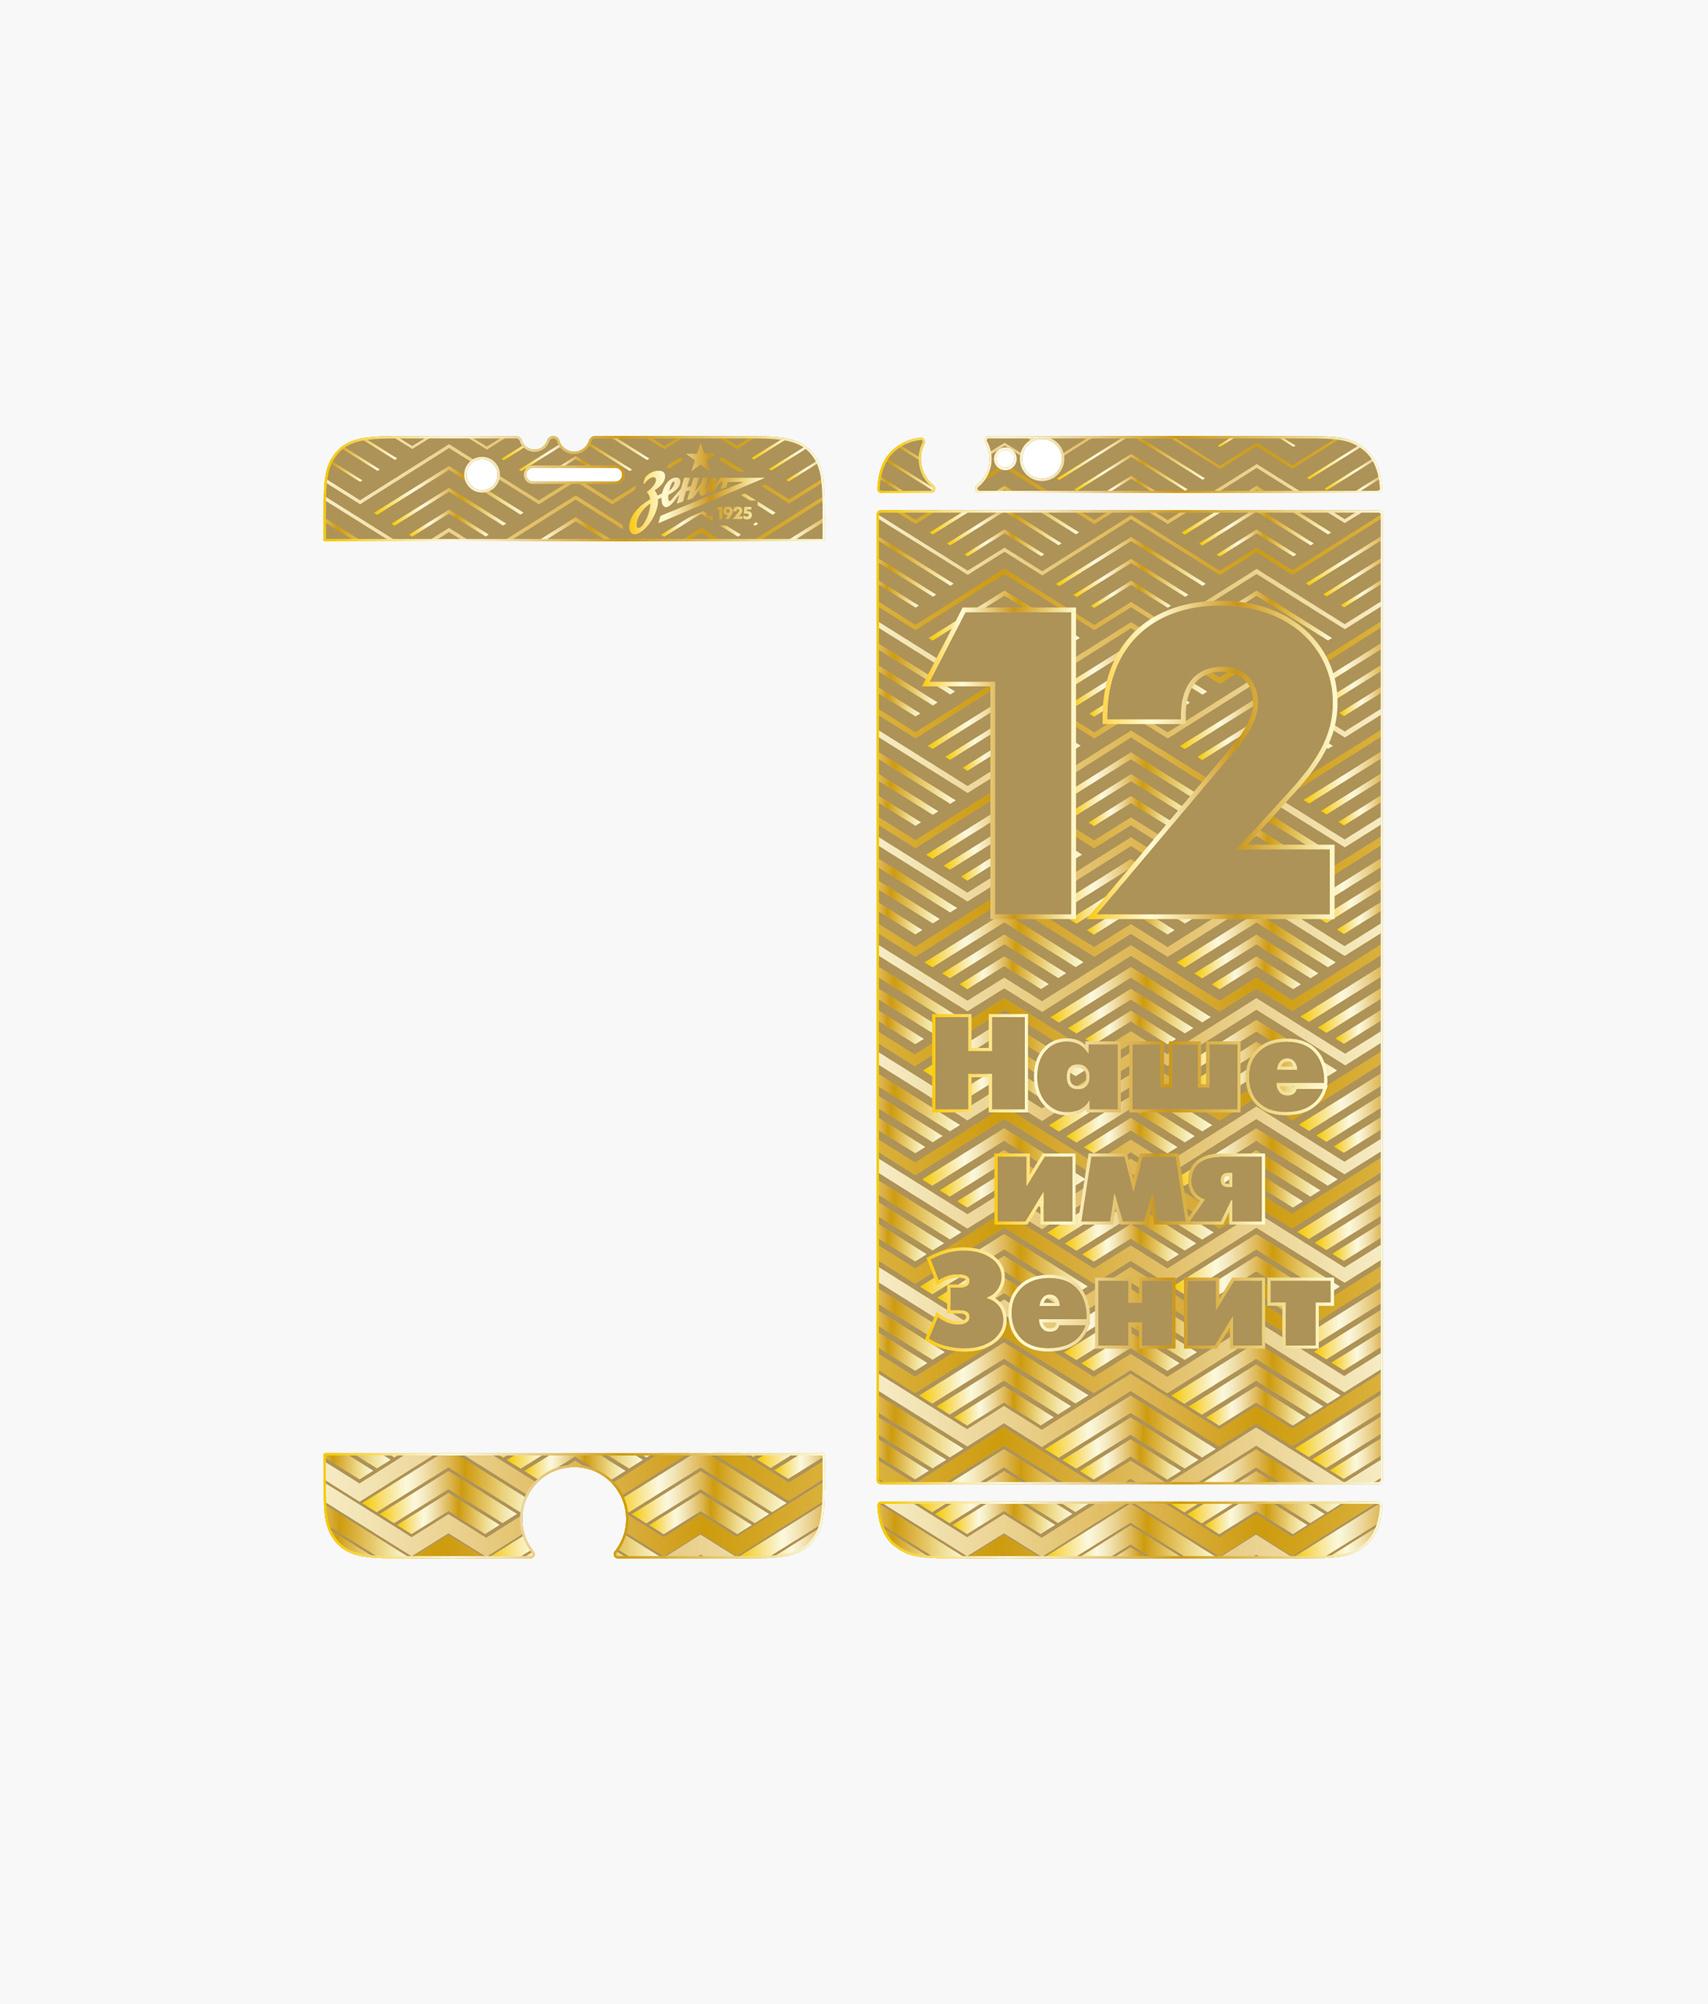 Фото - Золотая наклейка на Iphone 6 «Наше имя Зенит» Зенит наклейка